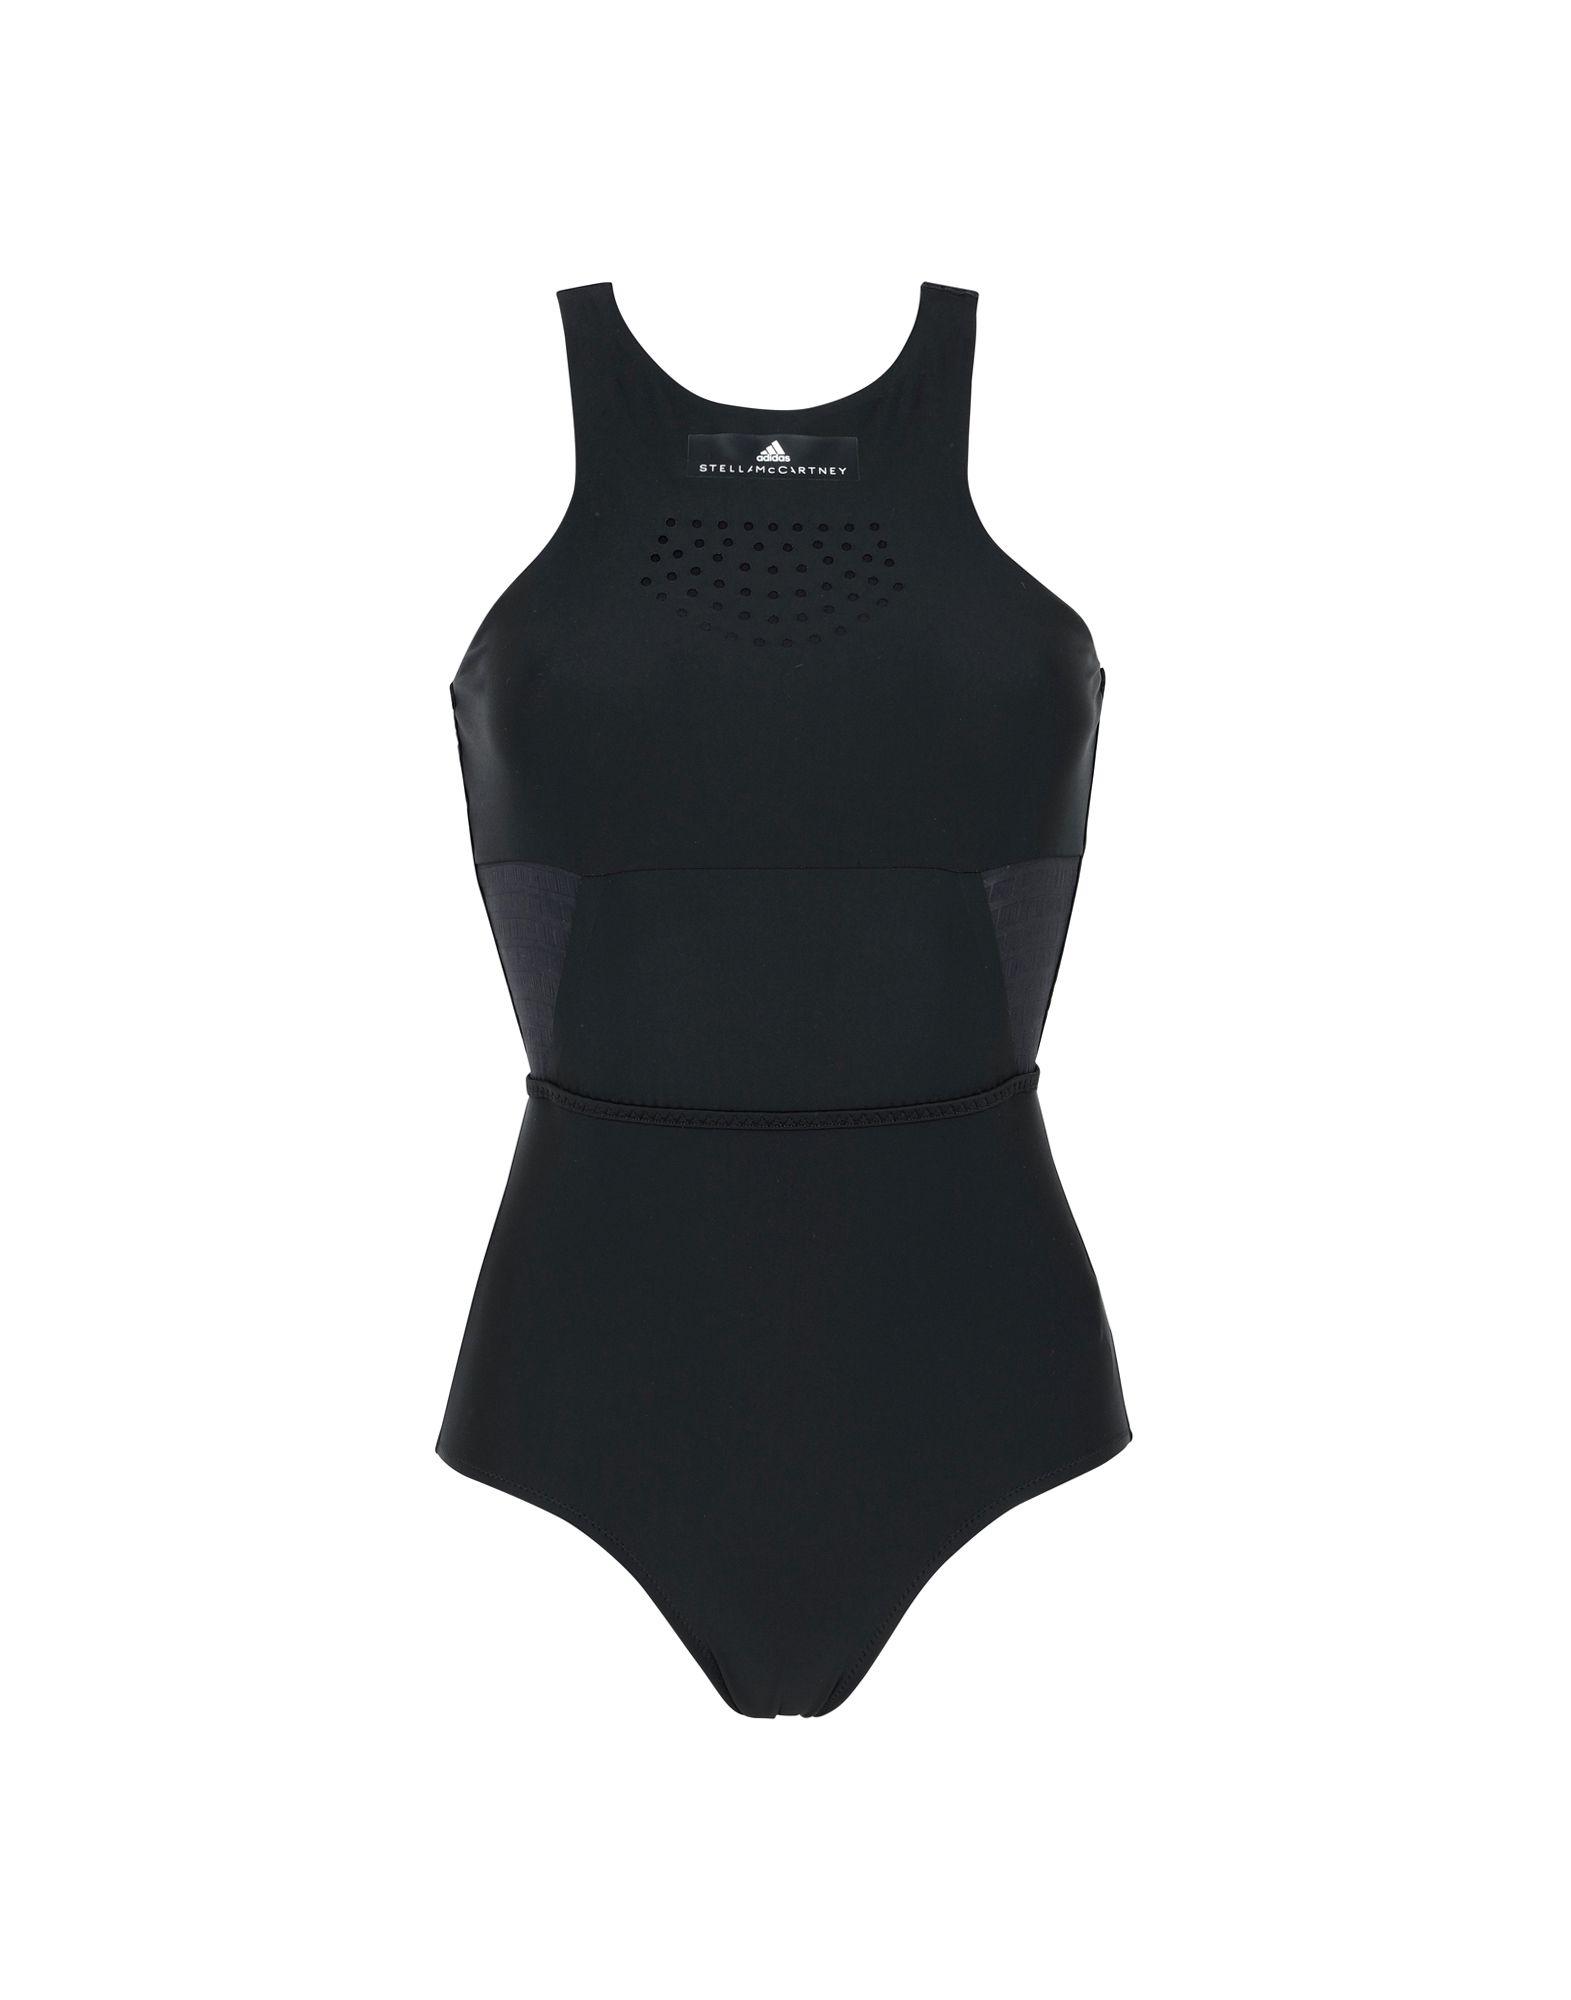 3903650e694d1 Adidas By Stella Mccartney Swim Suit - Performance Wear - Women ...